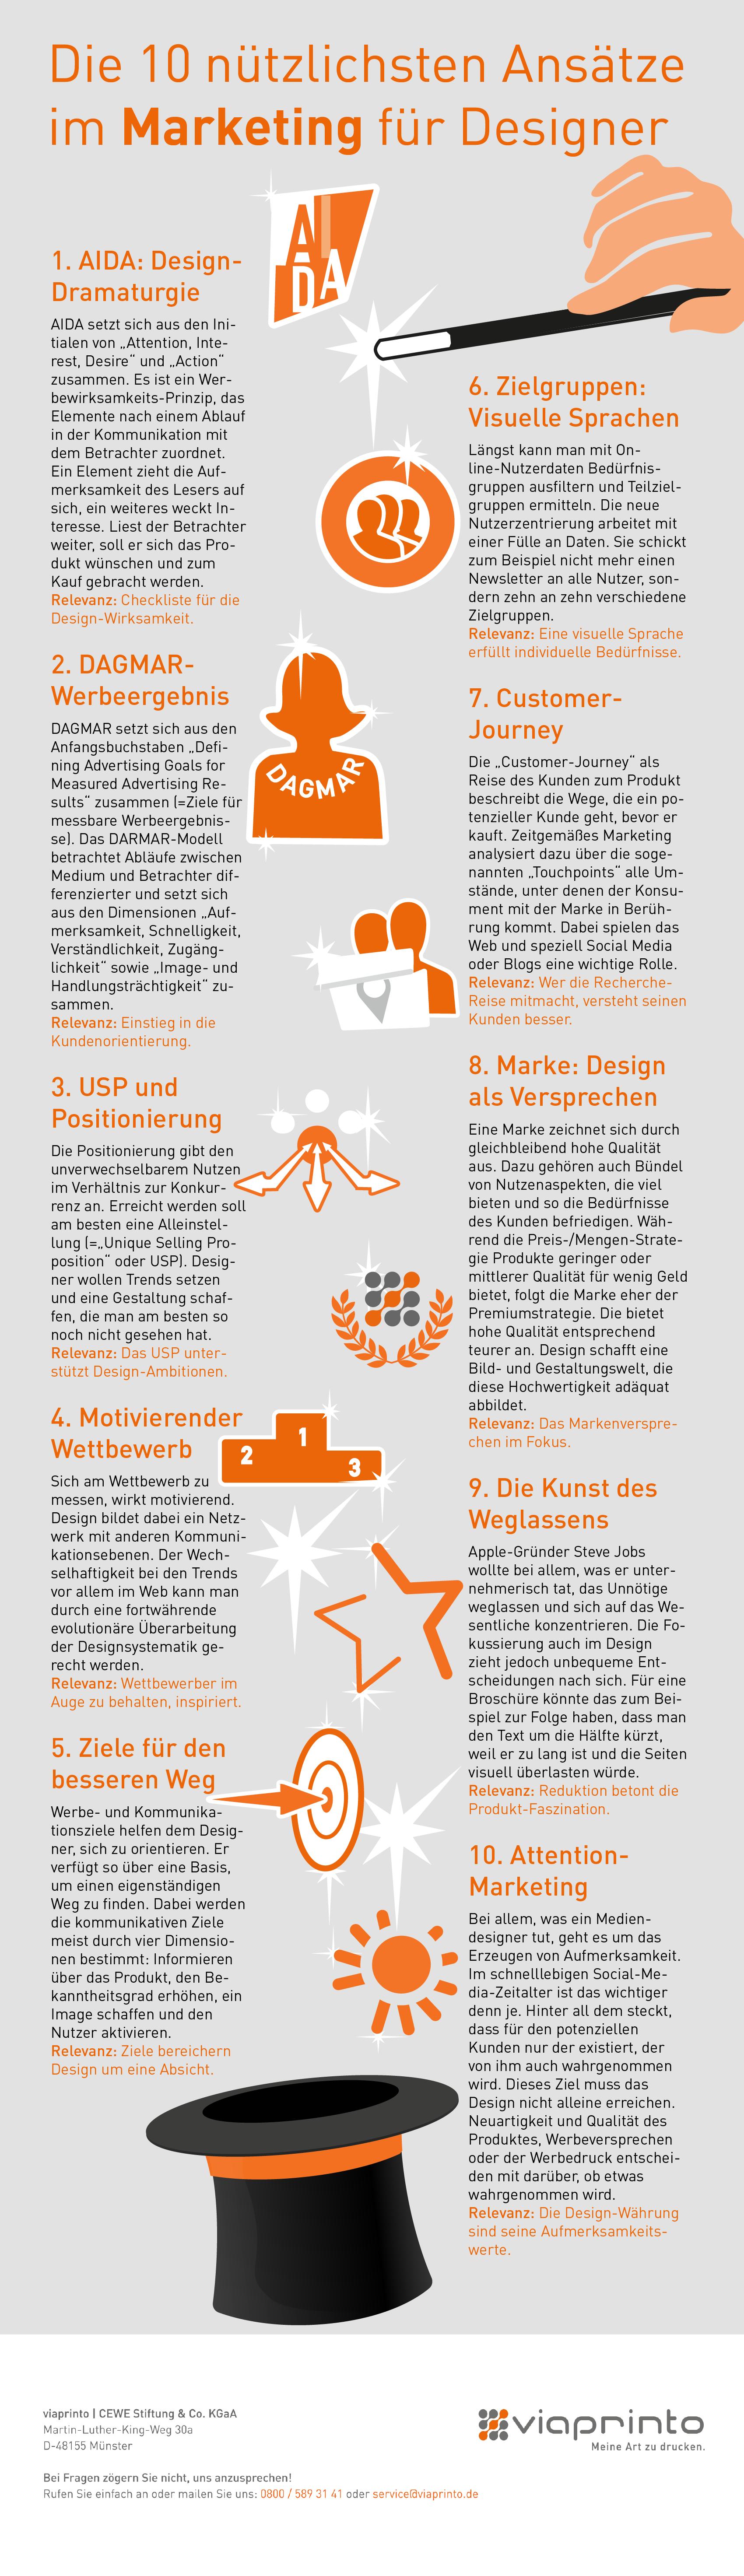 Die 10 Nutzlichsten Marketing Ansatze Fur Designer Viaprinto Blog Alles Uber Den Druck Marketing Designer Design